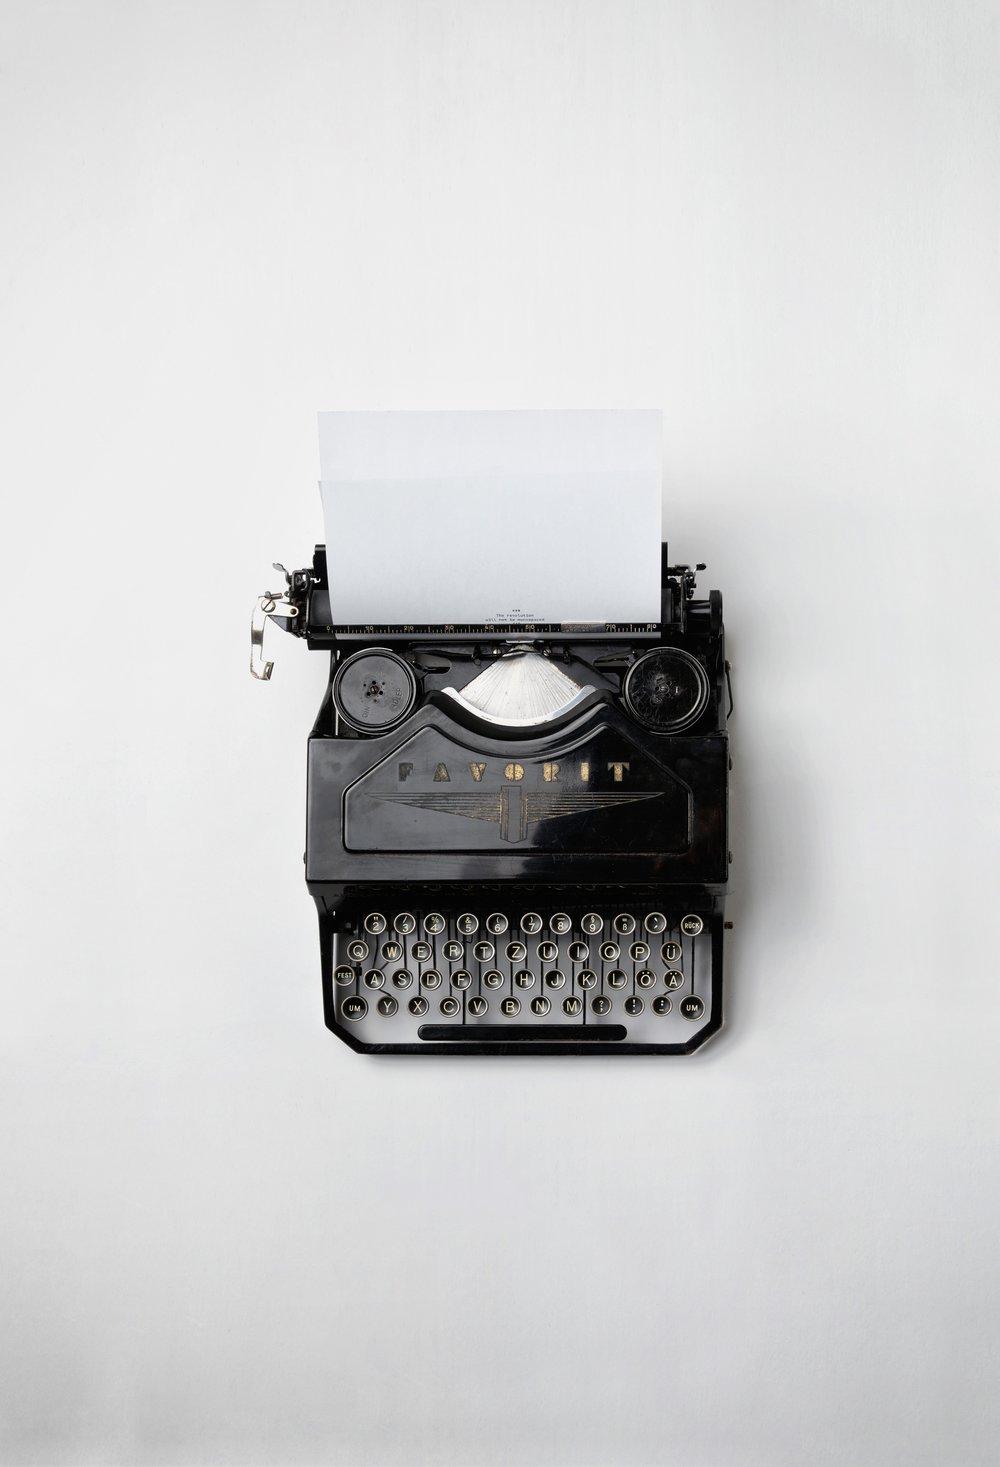 ljizlzhgq7wpsh5kvtcb_typewriter-1.jpg